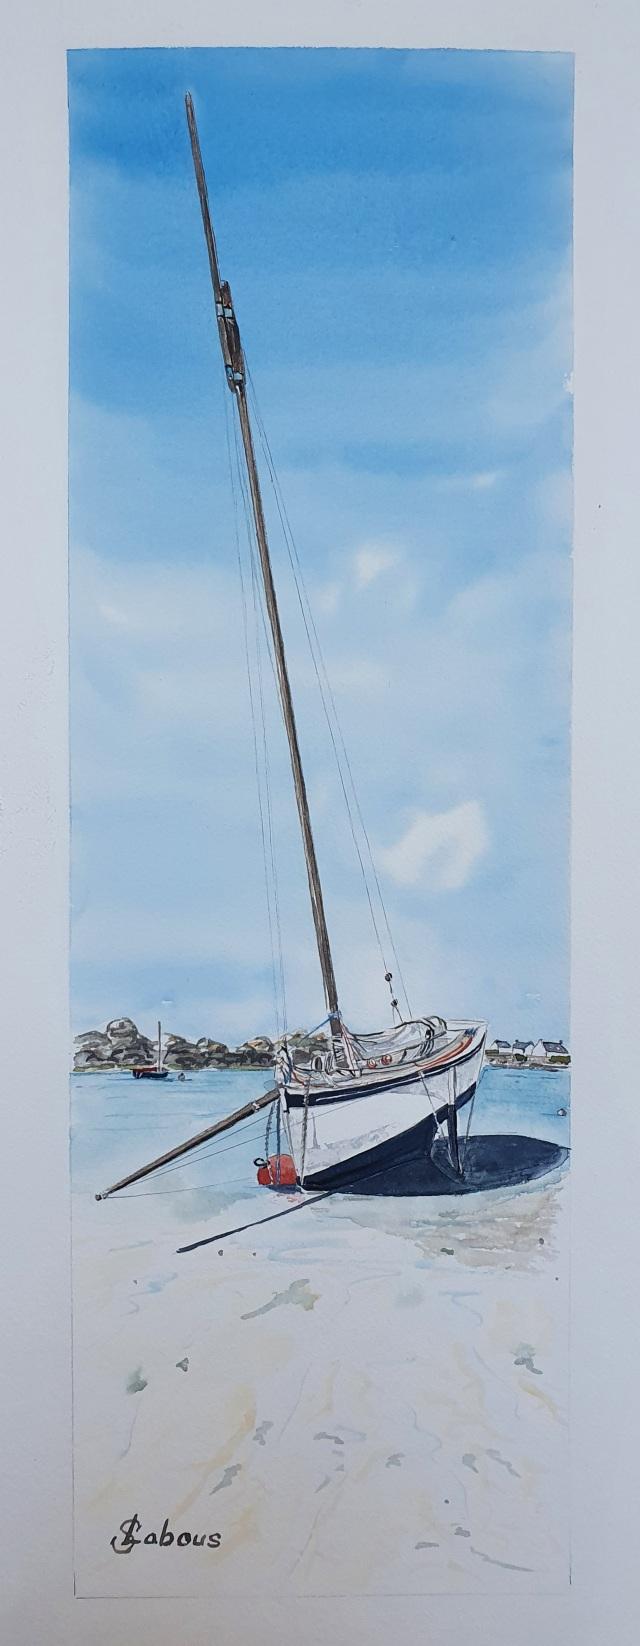 Le beau vieux voilier à marée basse, Tremazan